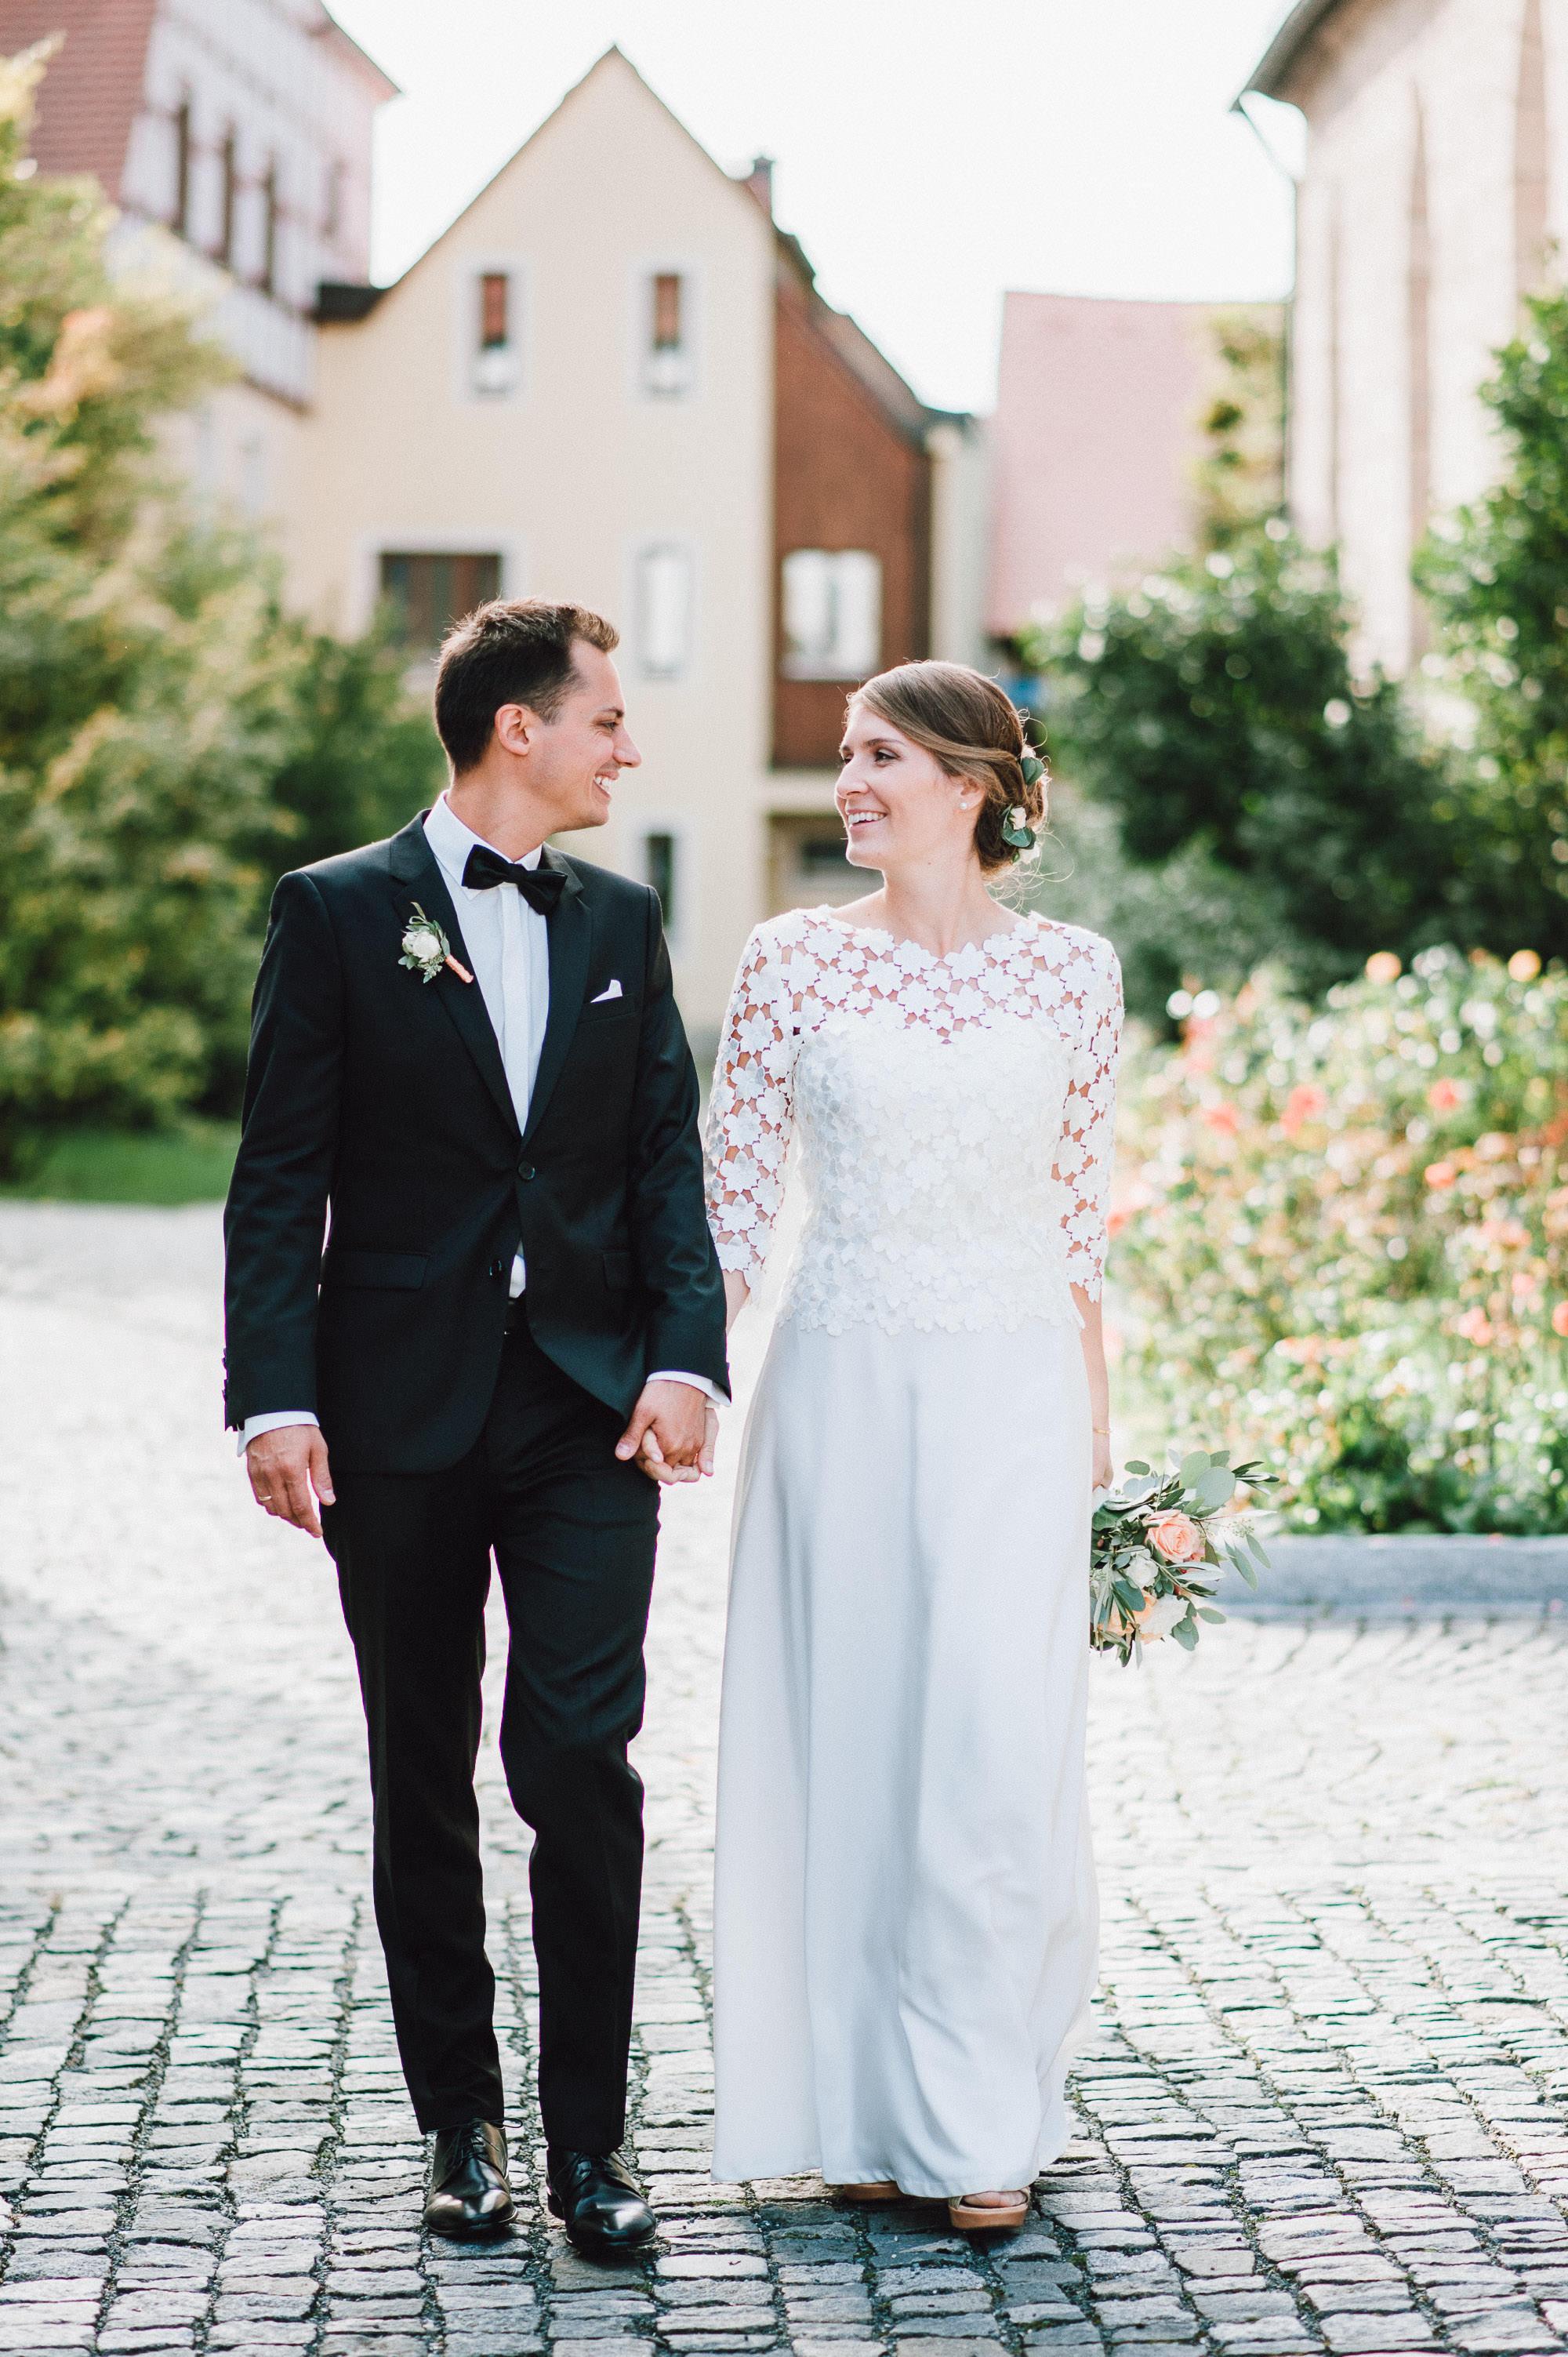 modern-urban-industrial-wedding-poolhaus-nuernberg-hochzeit-080